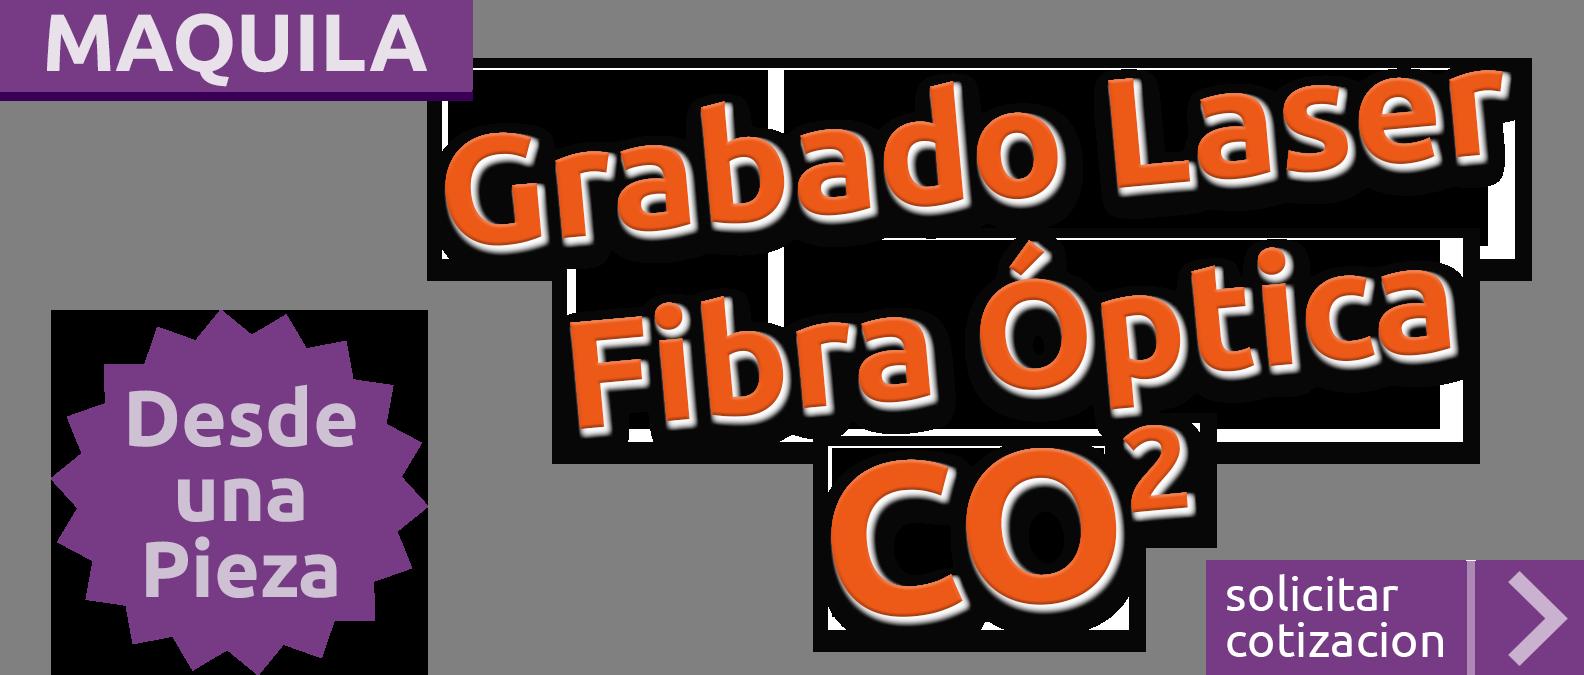 Grabado laser, maquila de impresion con fibra optica, maquila de corte con co2, articulos promocionales Puebla